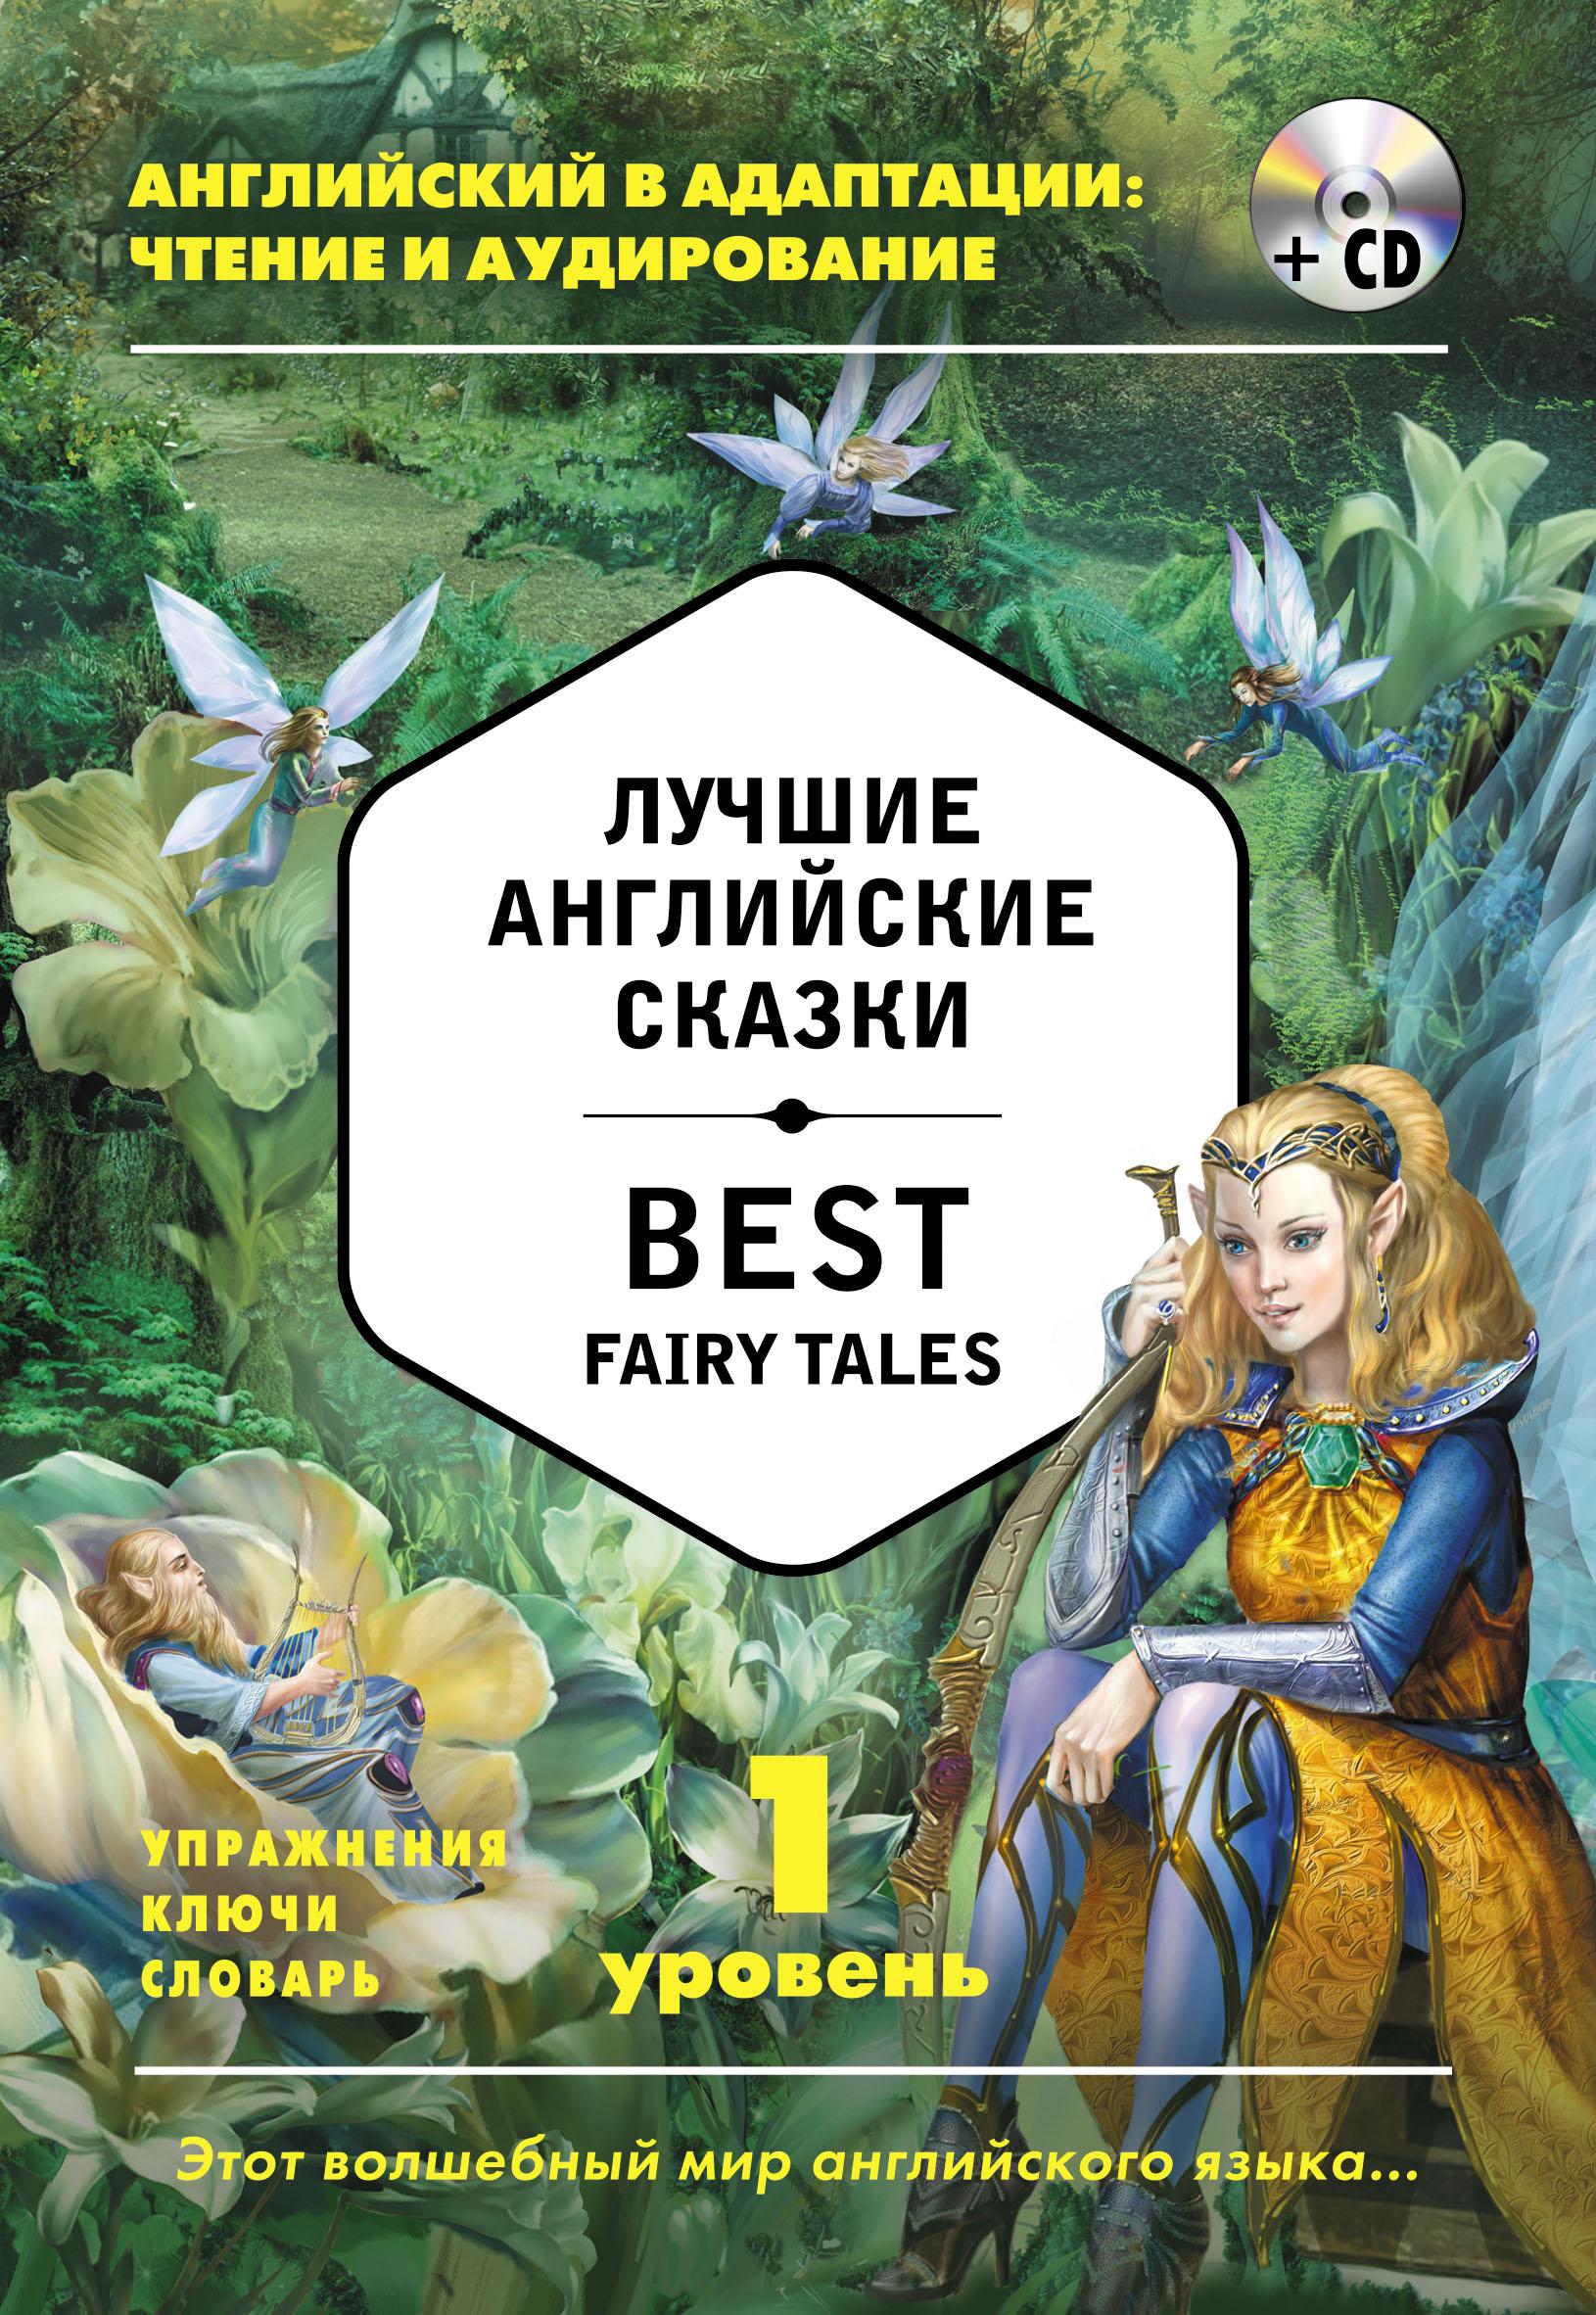 Лучшие английские сказки. Уровень 1 / Best Fairy Tales: Level 1 (+ CD) дмитриева к г адапт волшебные английские сказки english fairy tales